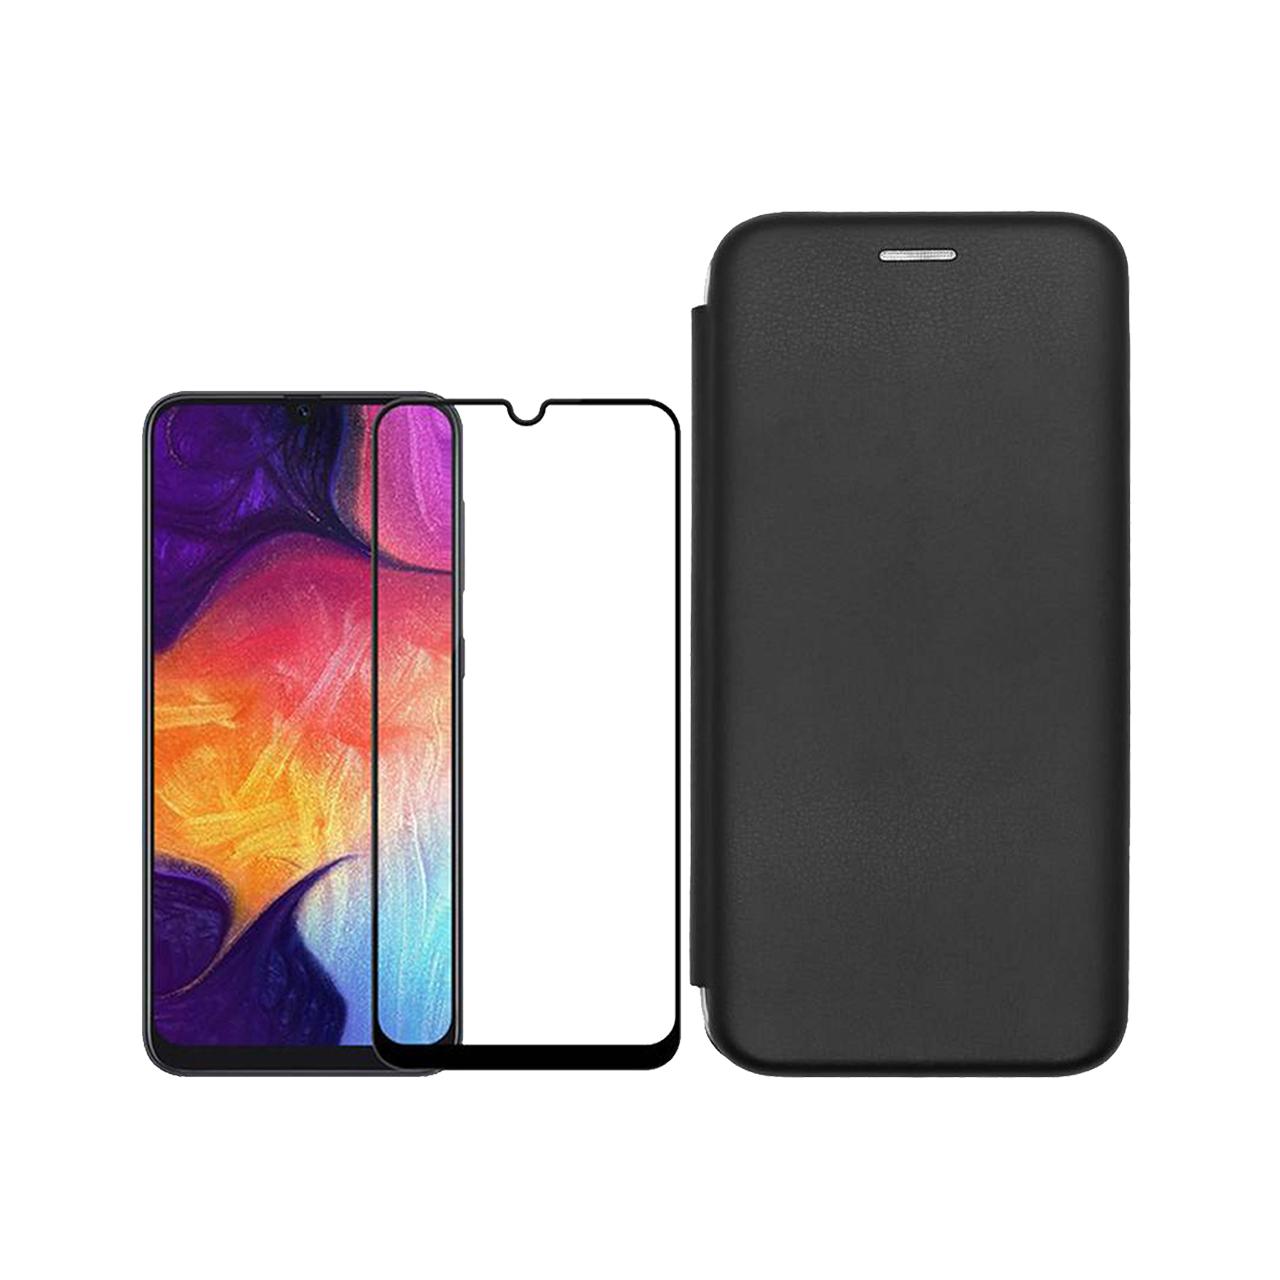 کیف کلاسوری مسیر مدل MMGNT-MGF-1 مناسب برای گوشی موبایل سامسونگ Galaxy A20 به همراه محافظ صفحه نمایش